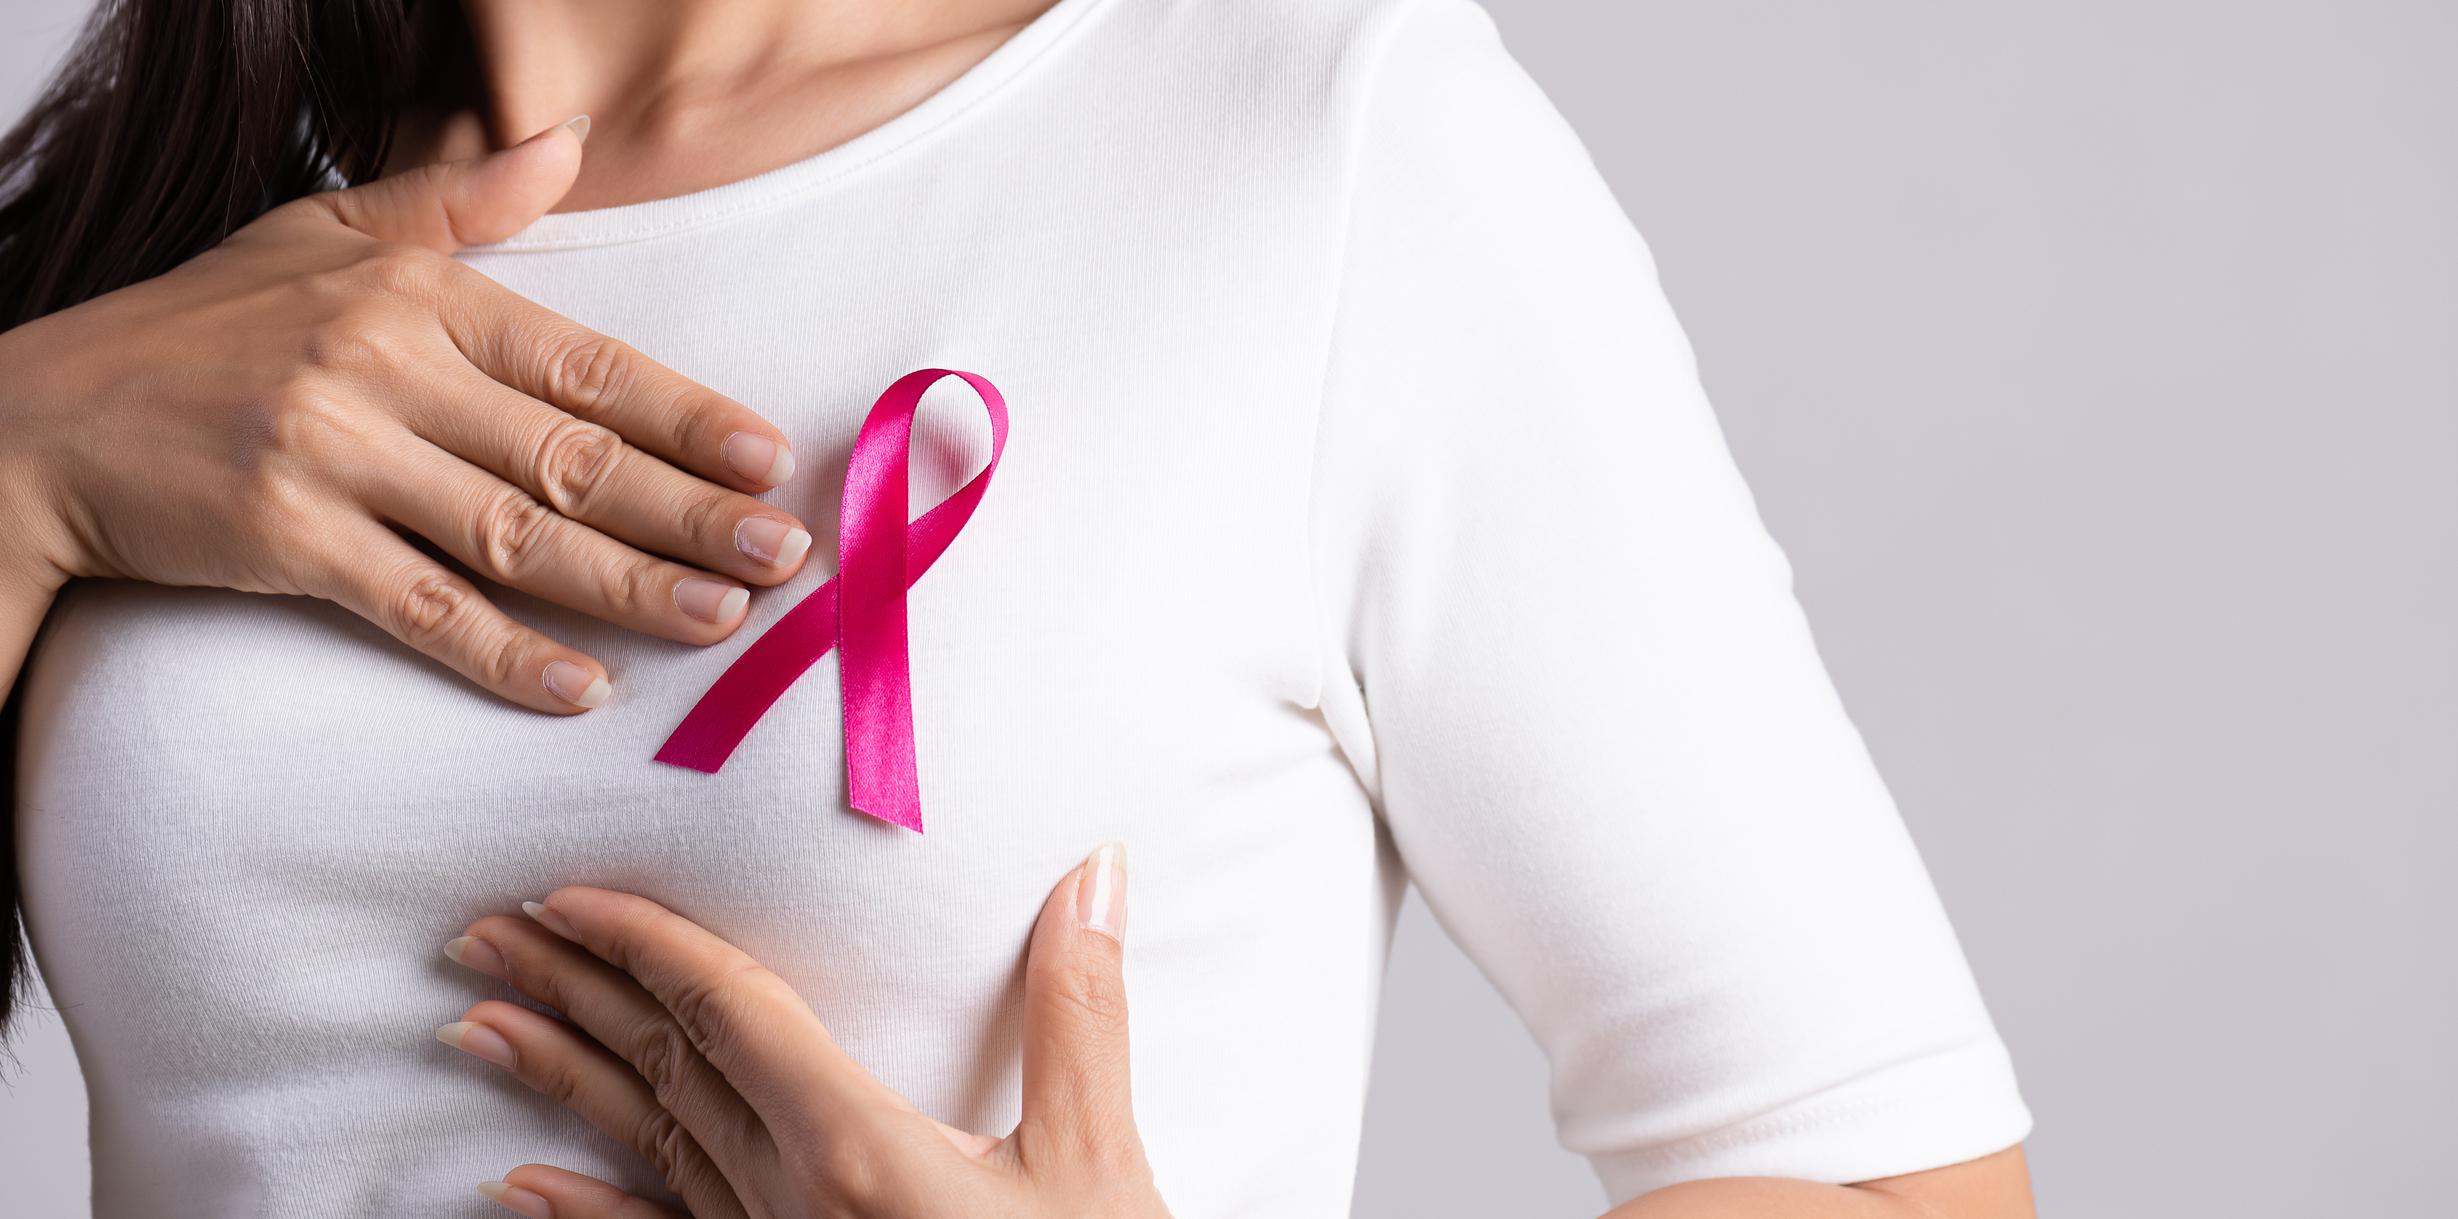 Câncer de mama: fique atenta à prevenção